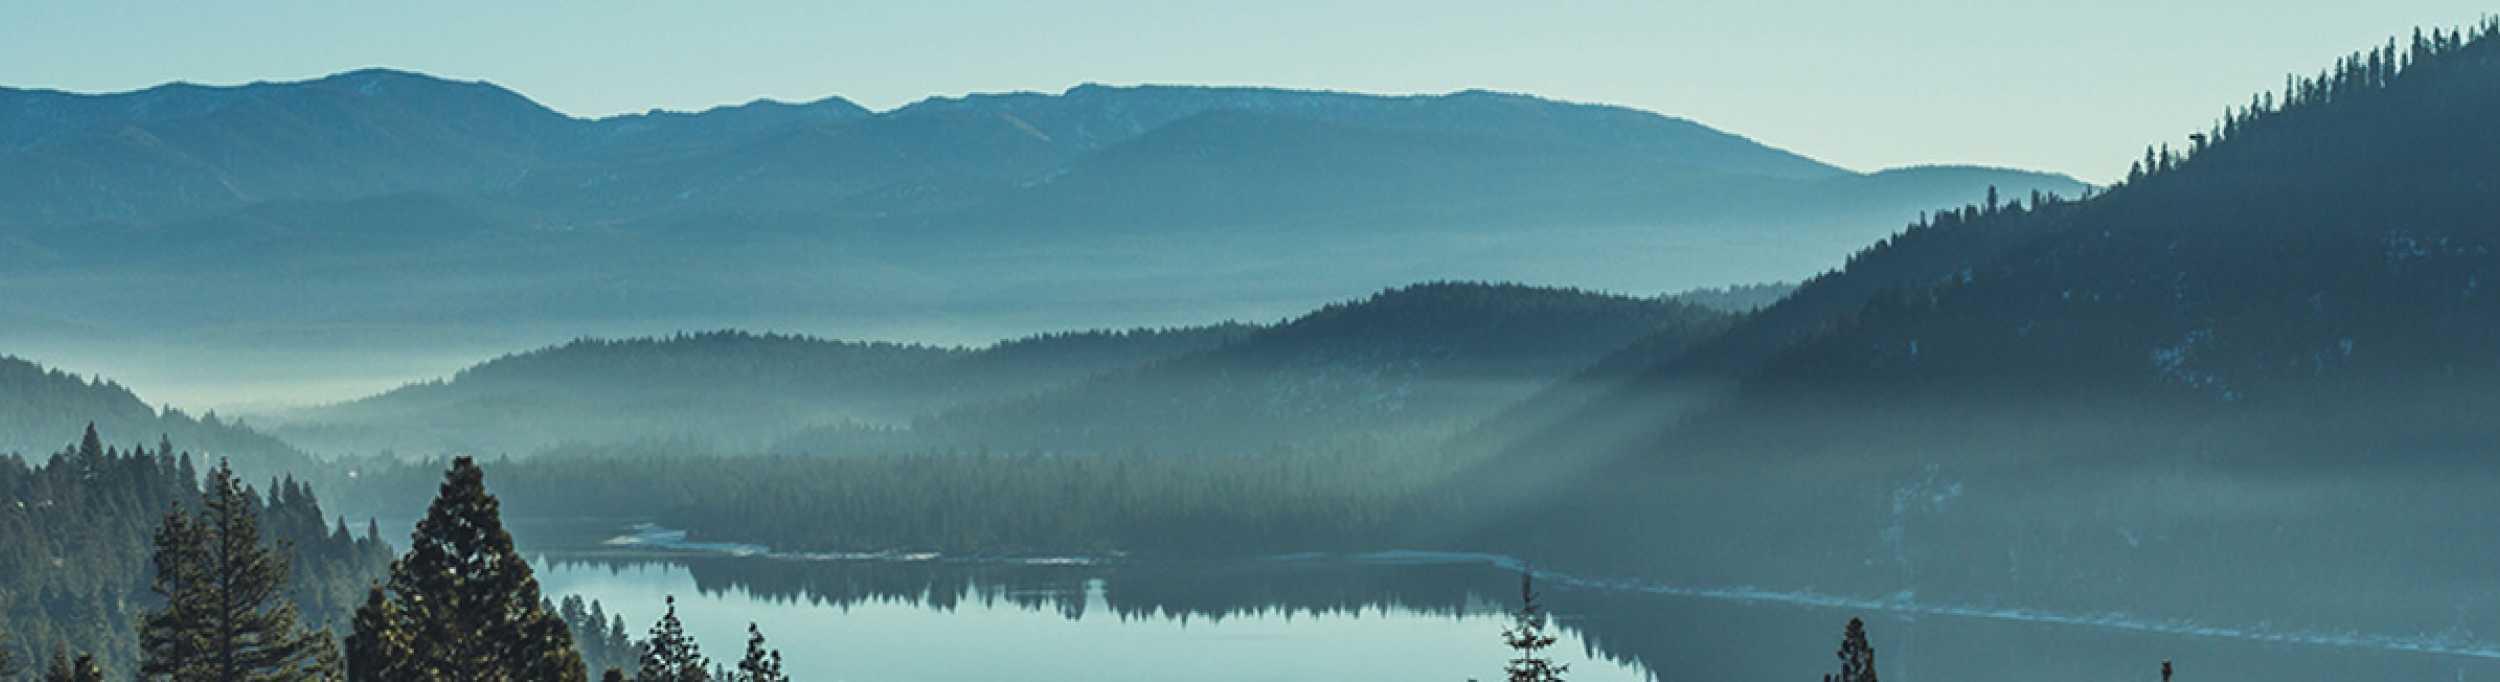 tahoe forest employee wellness programs